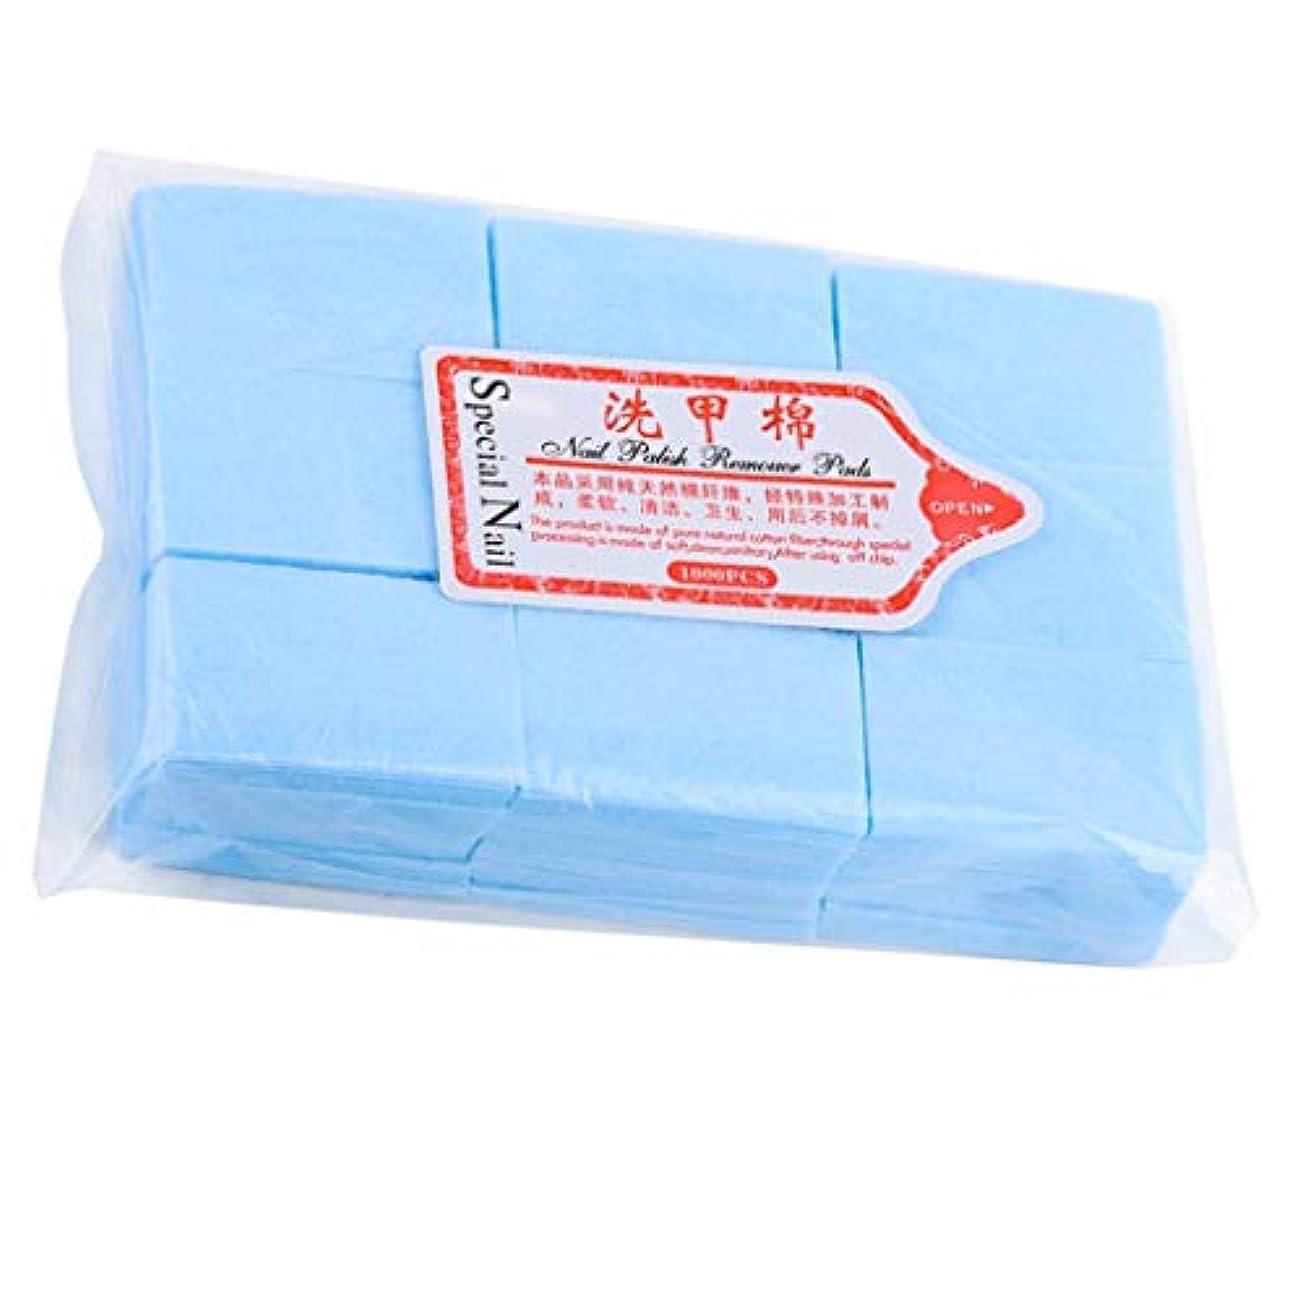 戸口困惑忘れっぽいSharplace ネイルワイプ コットンパッド 使い捨て 化粧コットン クレンジングシート メイク落とし 全4色 - ブルー